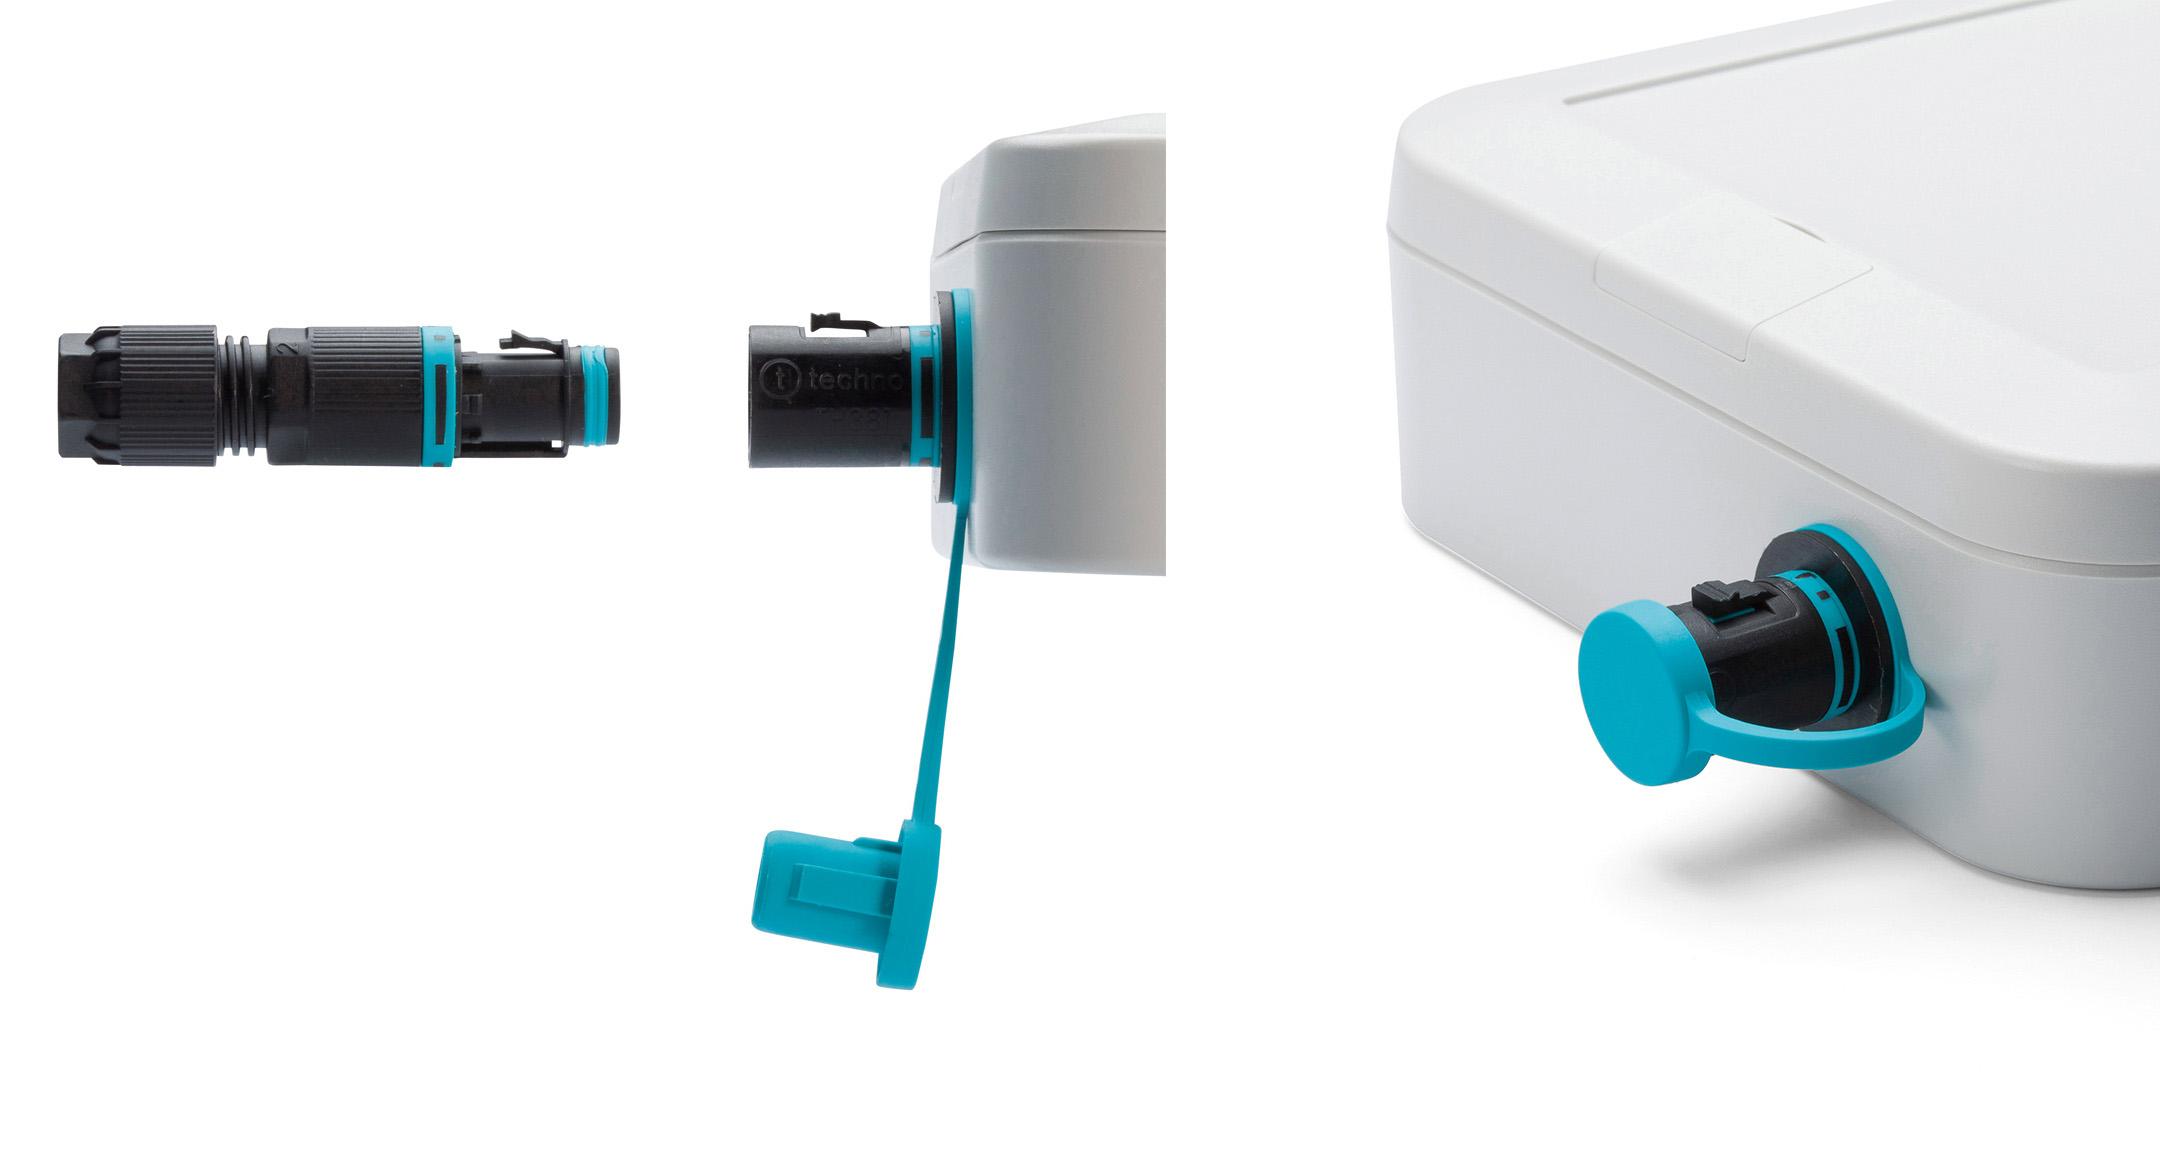 パネルマウント型マイクロ防水コネクタ THB381Eシリーズの画像